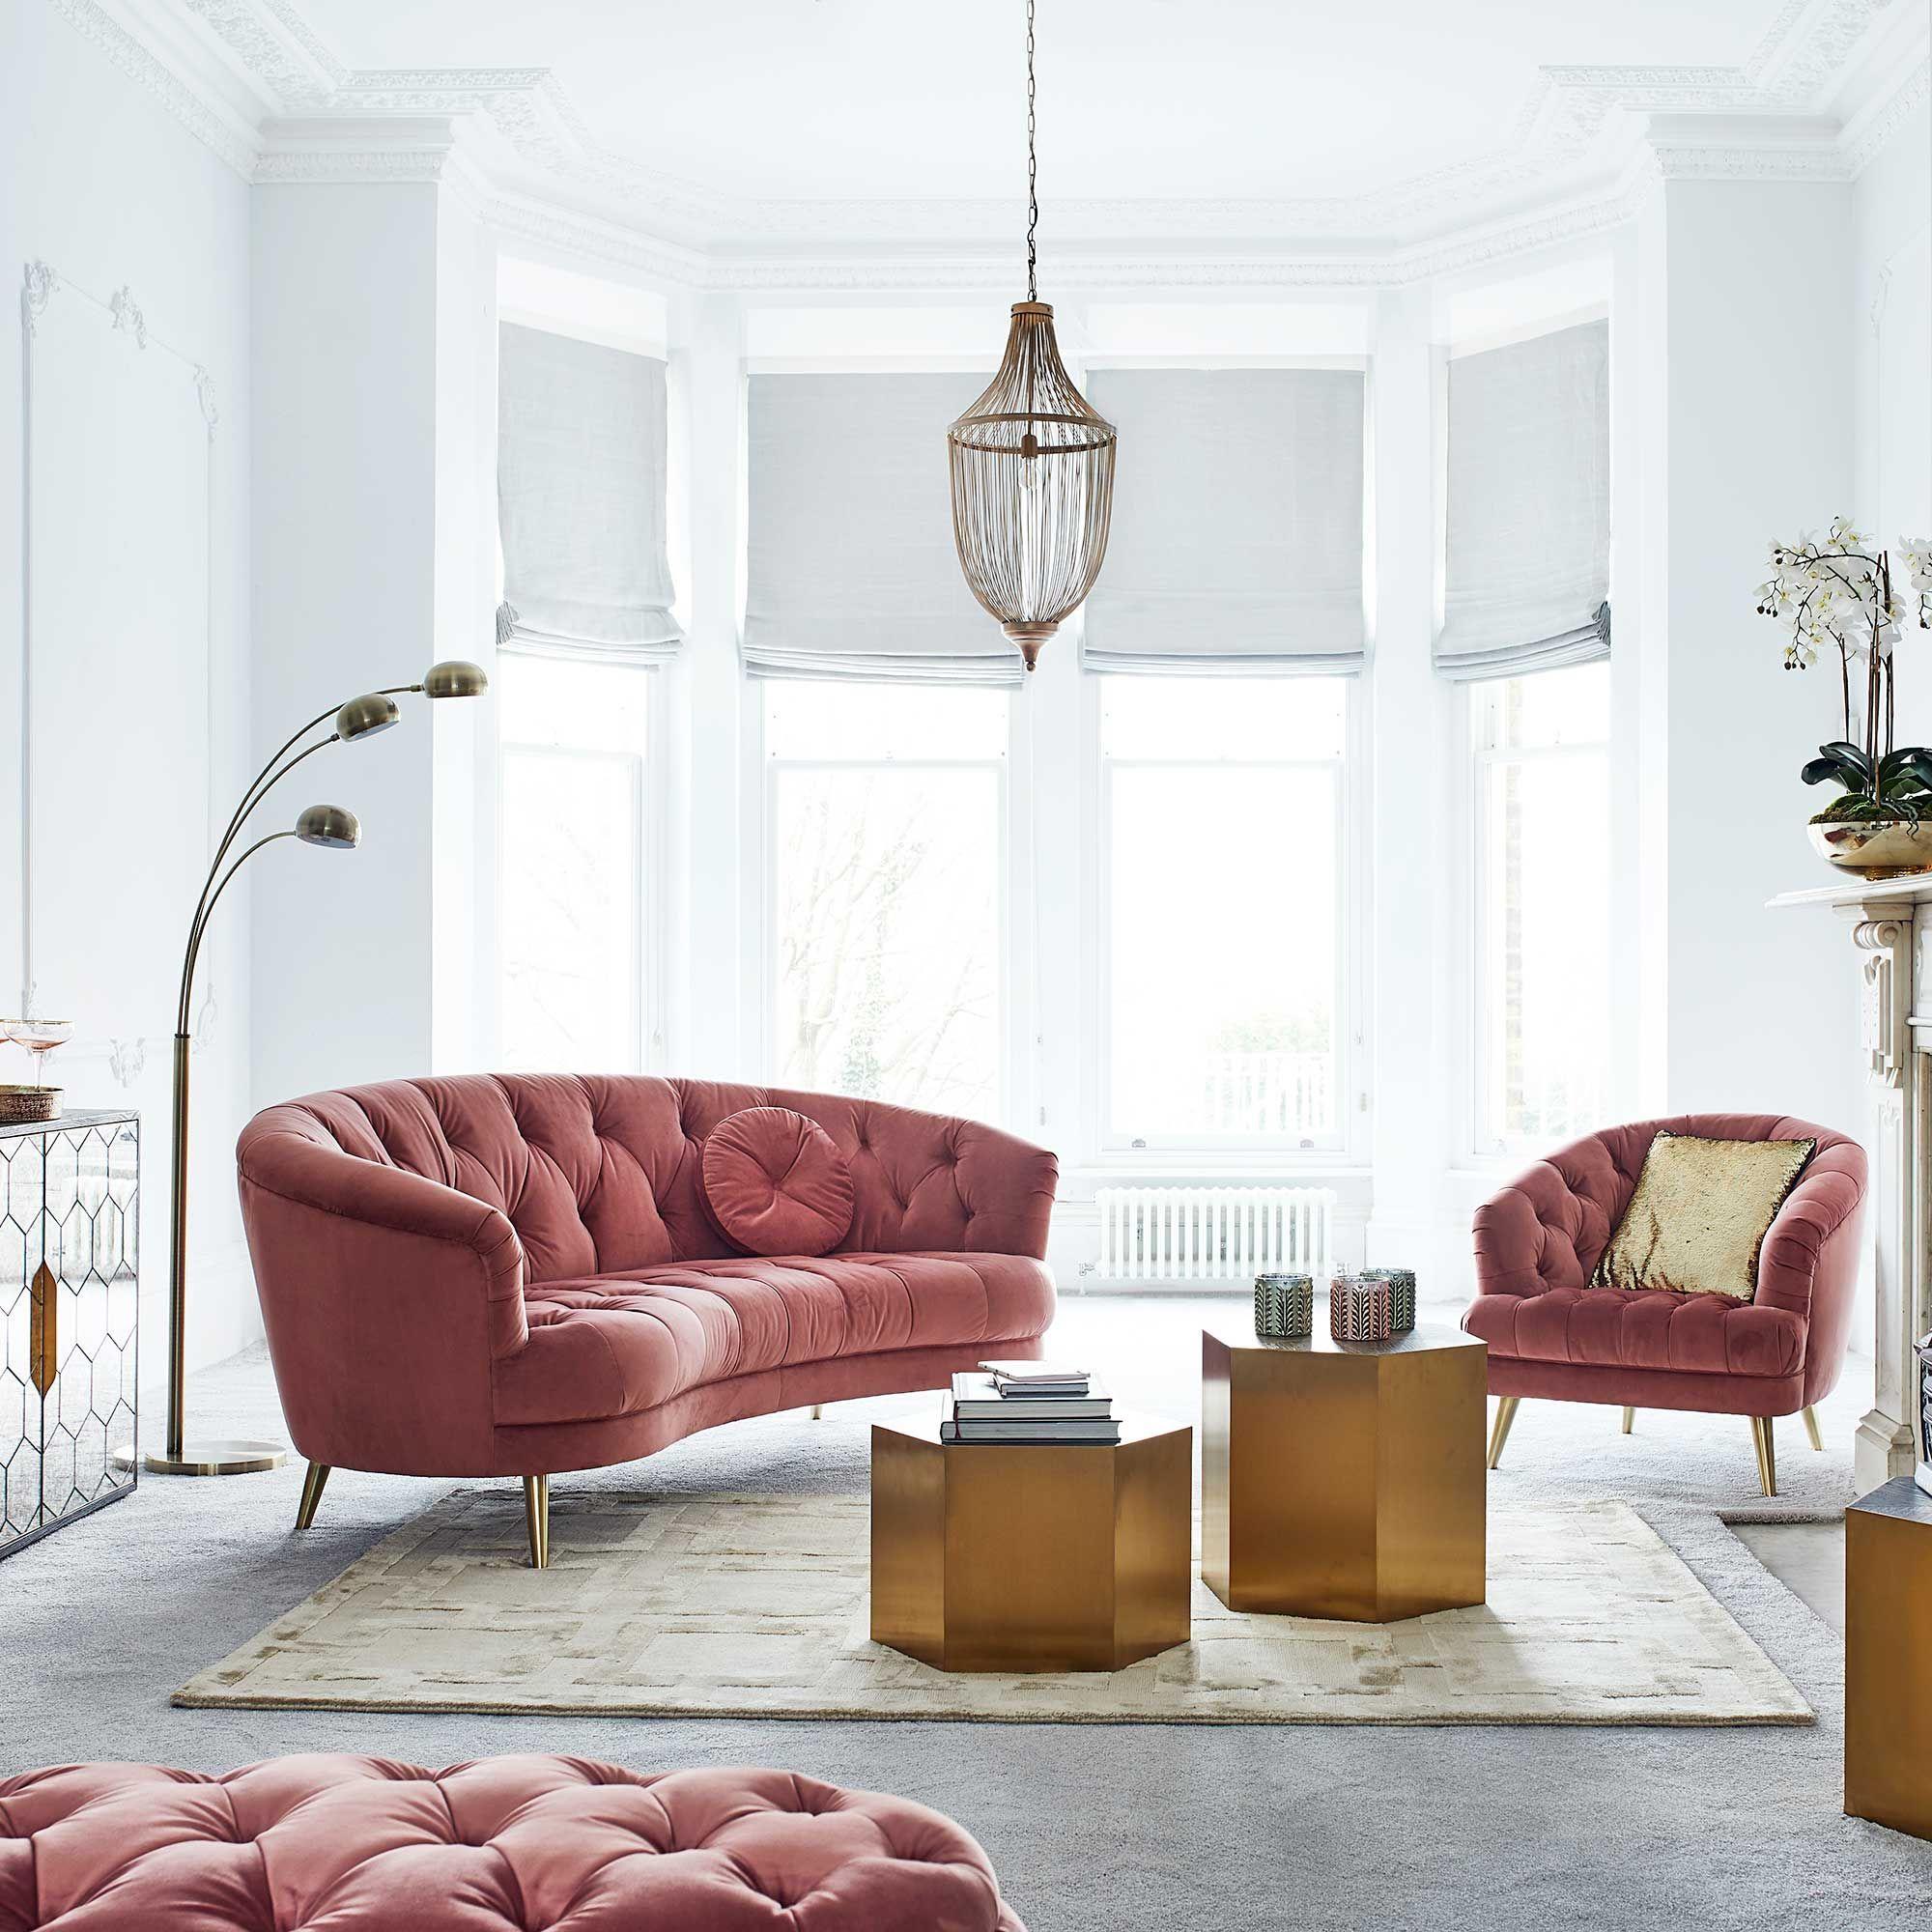 Camille Maxi Sofa Sofas Living Room Trending Decor Home D